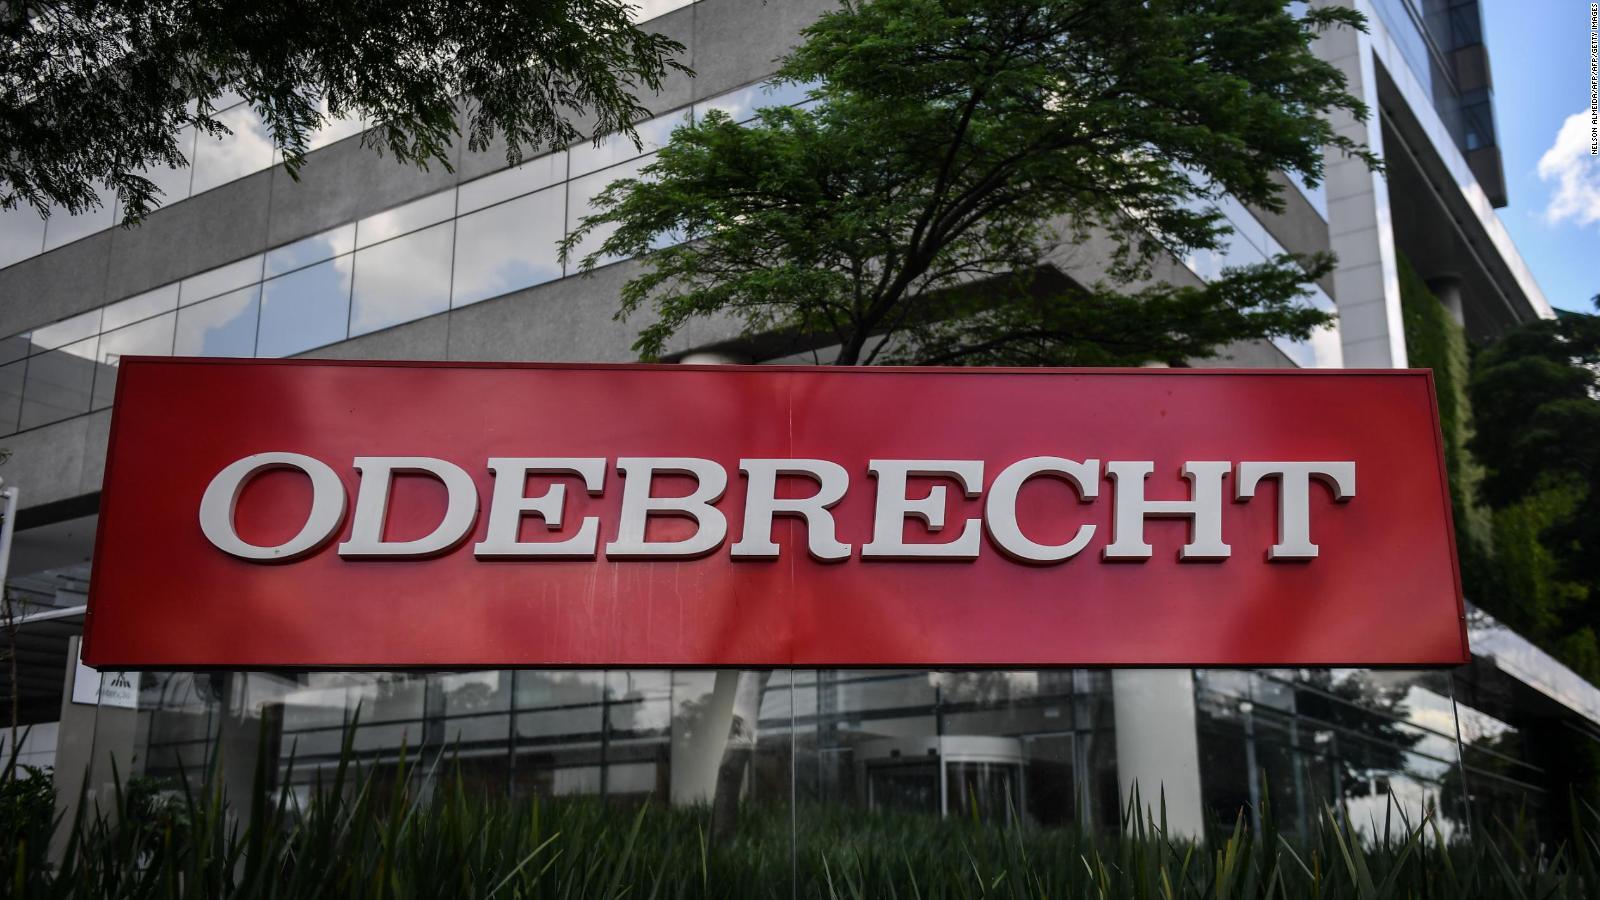 Odebrecht: una nueva filtración expone pagos ilegales inéditos en la región    CNN